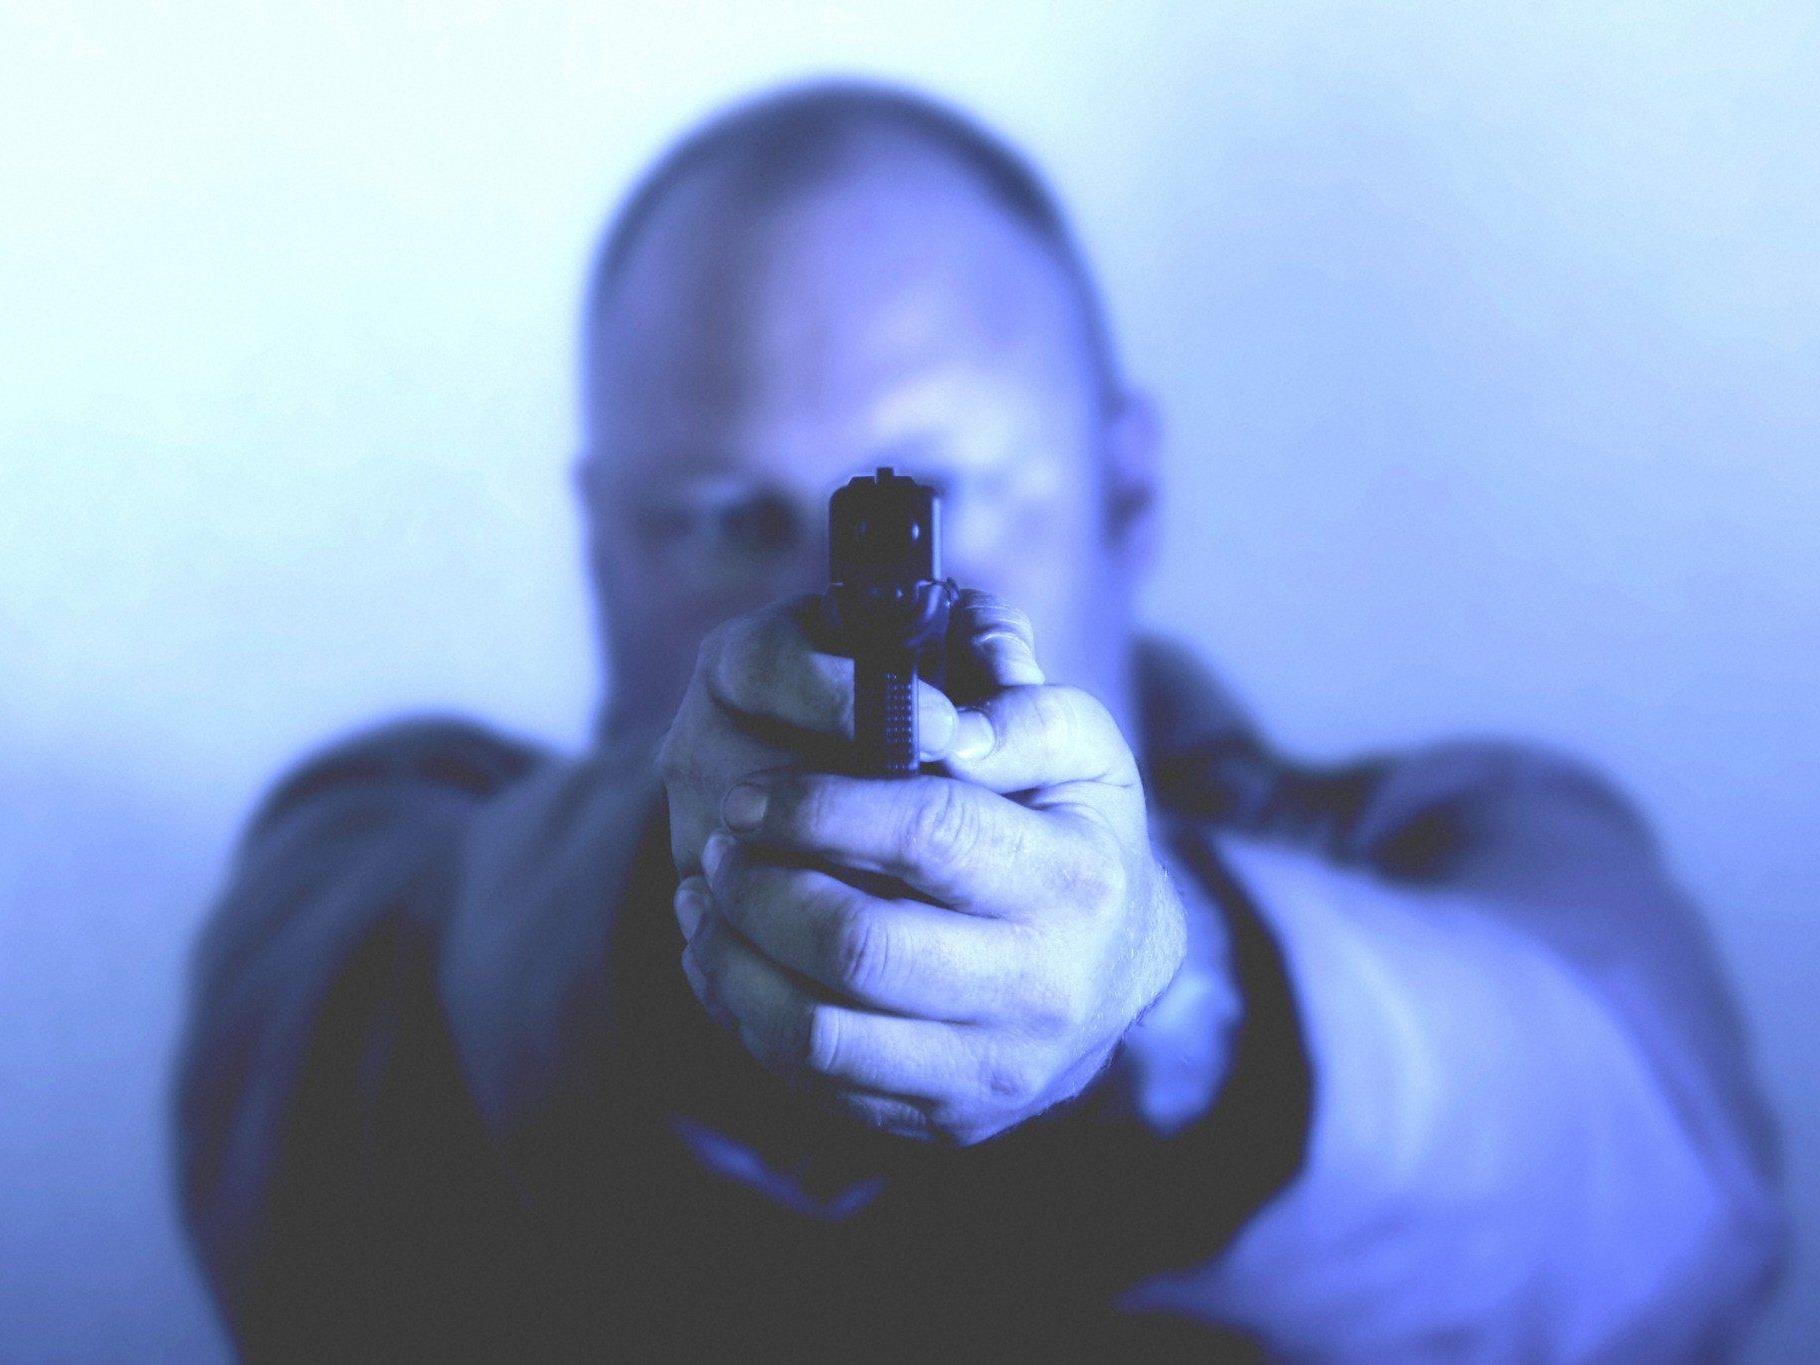 Der Räuber bedrohte den Trafikanten mit einer Faustfeuerwaffe.